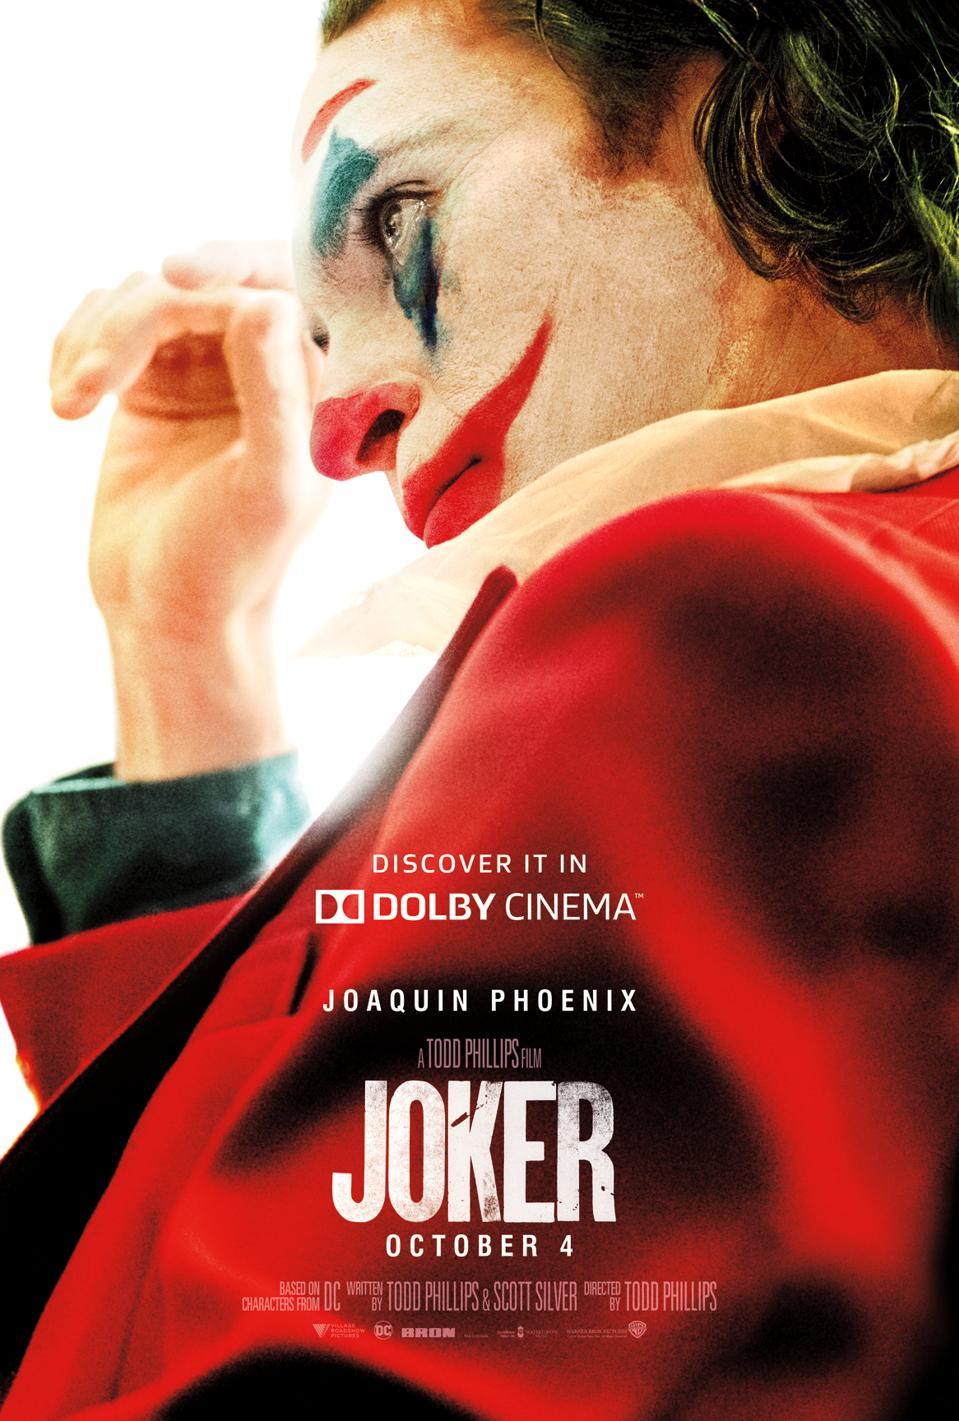 Dolby Vision Joker